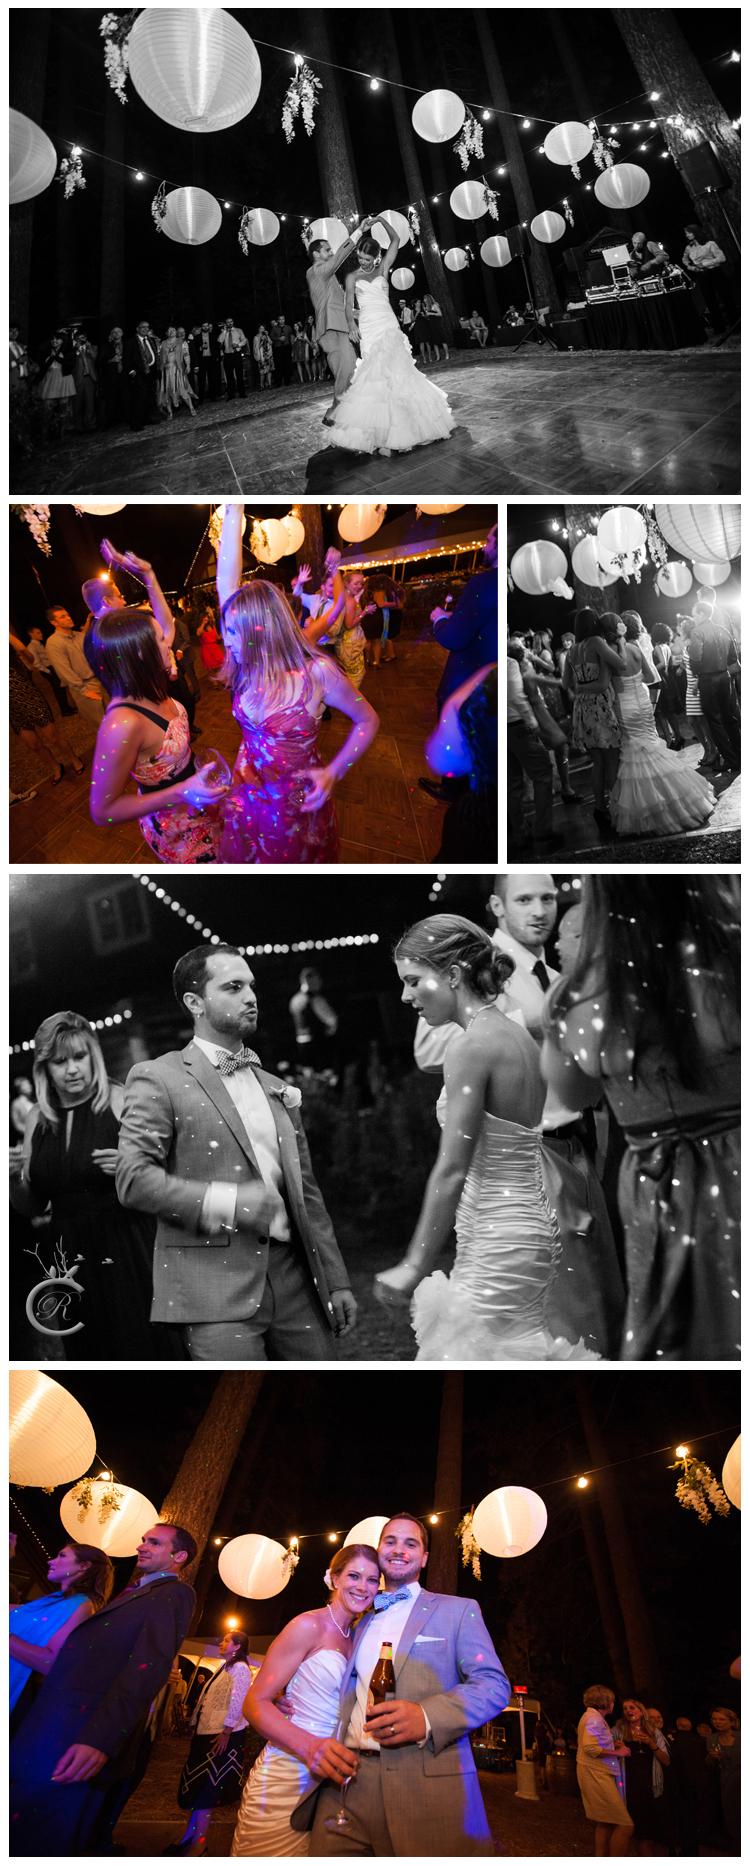 Dance under lanterns